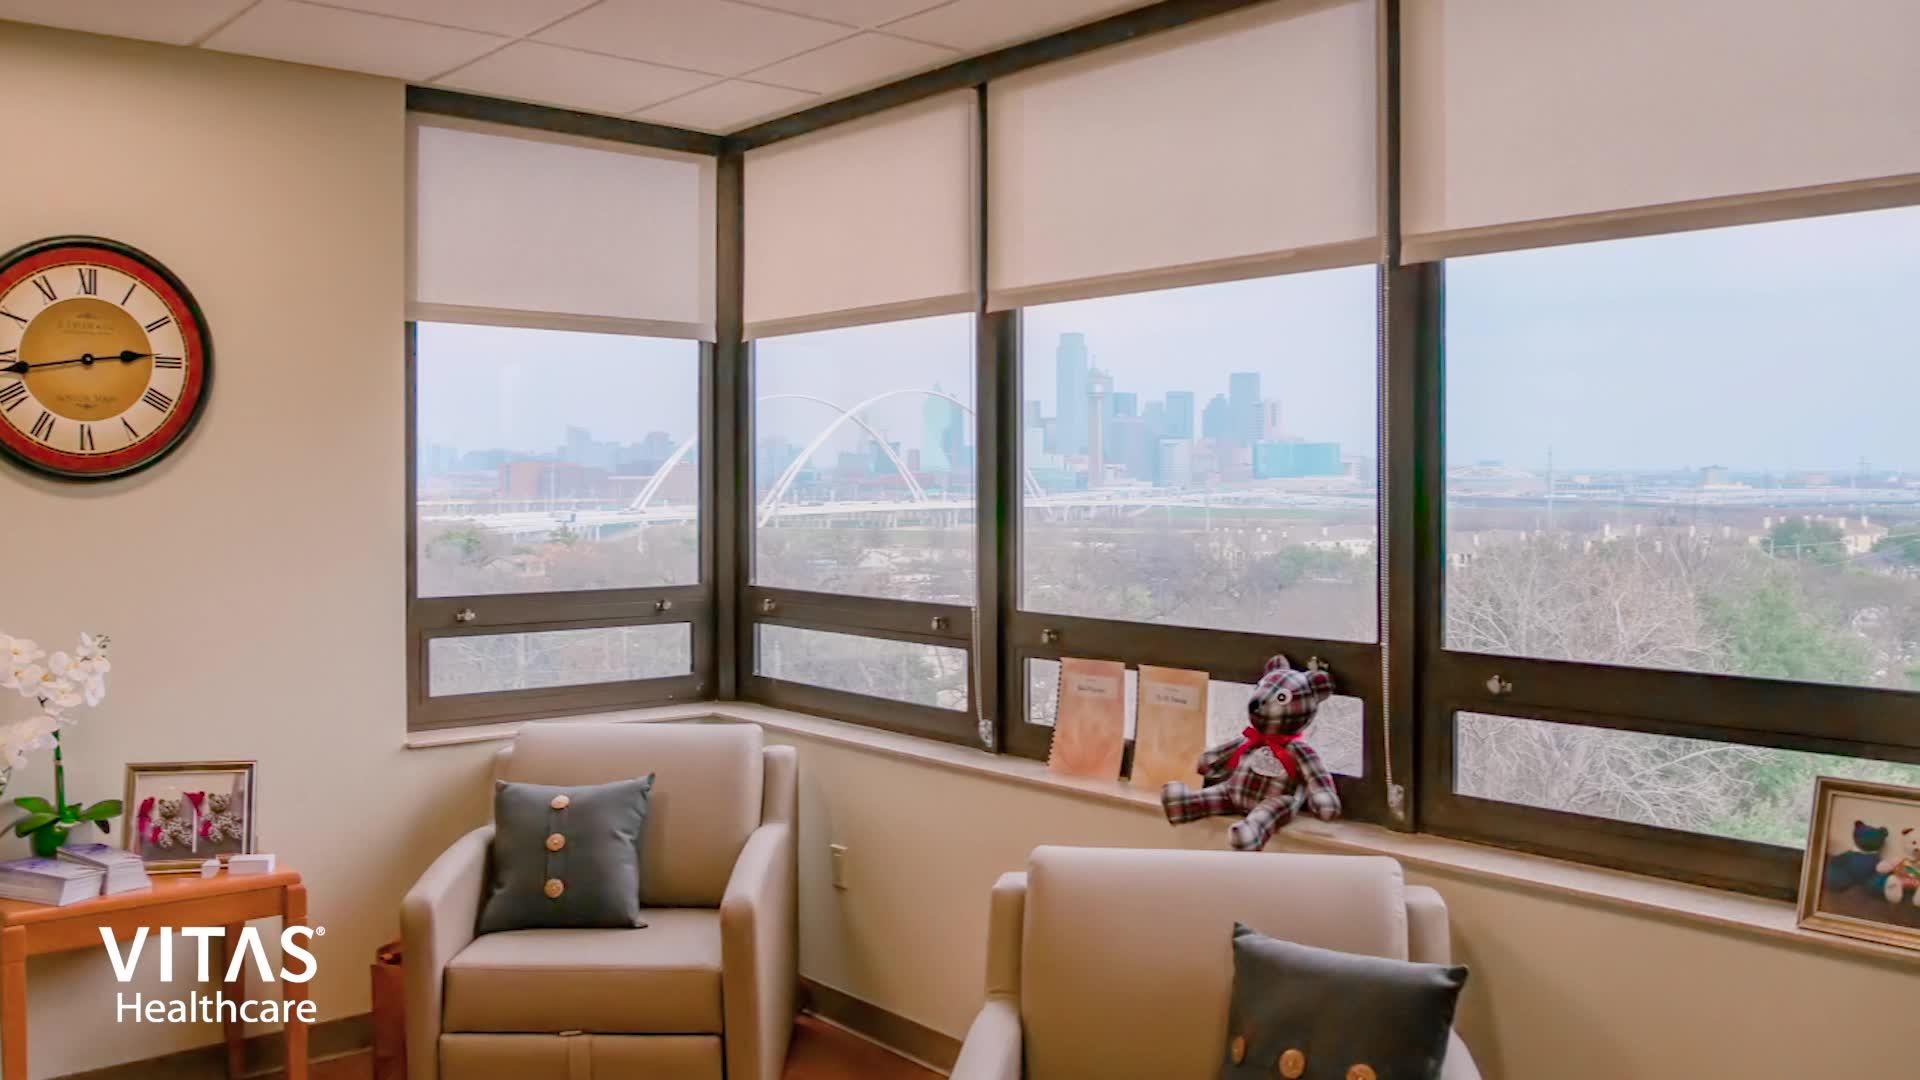 VITAS Inpatient Hospice Unit at Methodist Dallas Medical Center